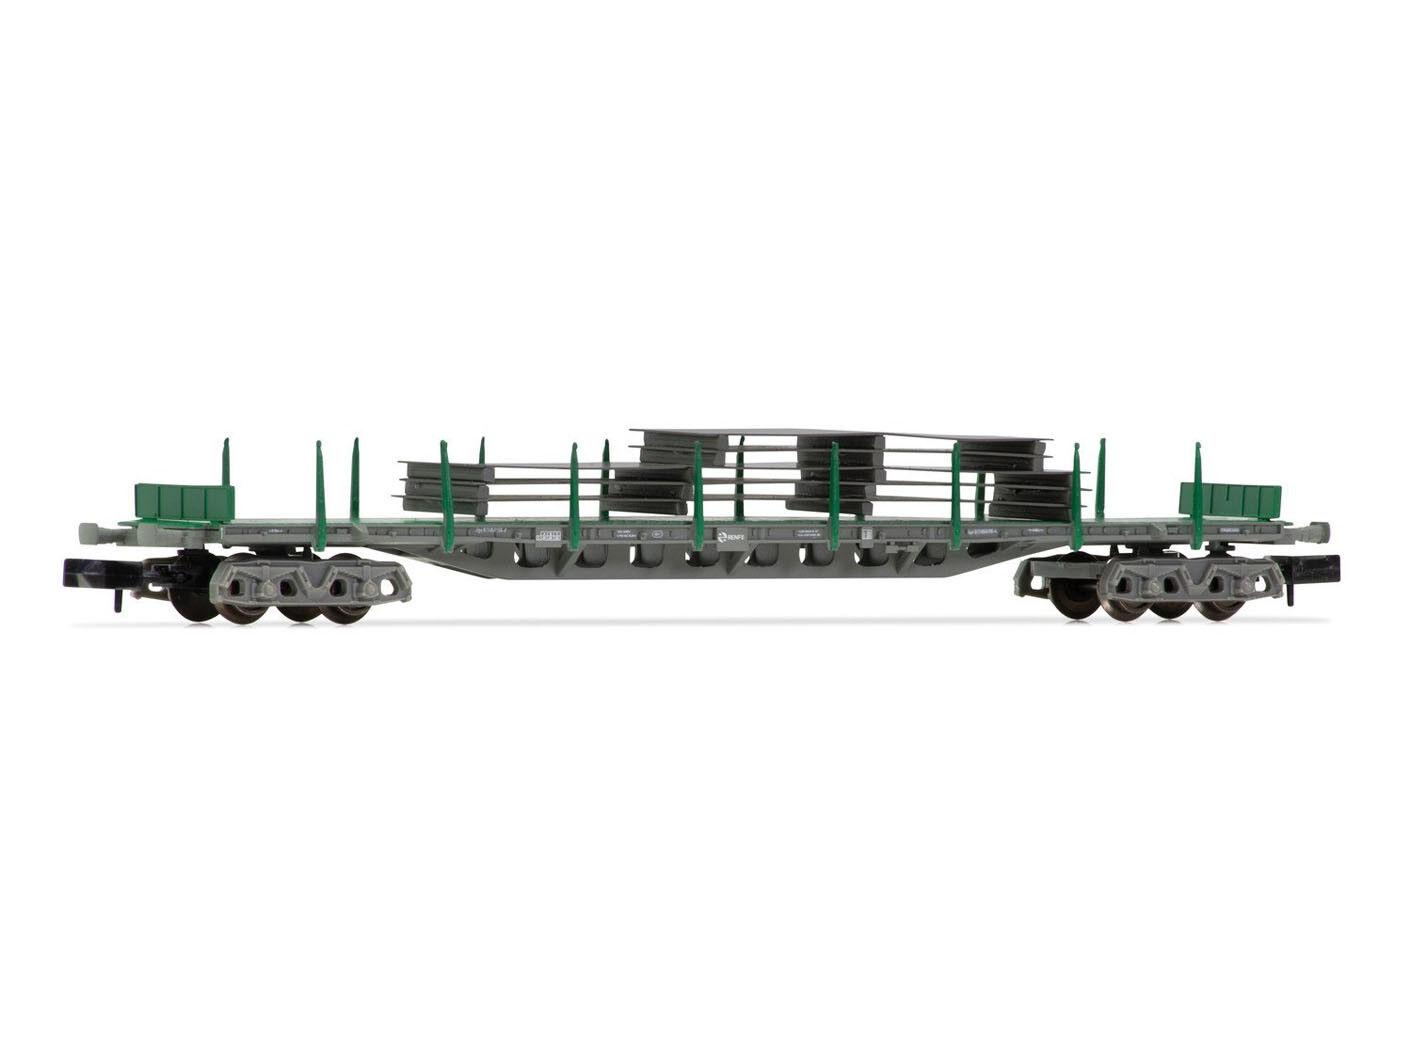 a la venta Arnold Arnold Arnold hn6406-vagones contrainertragwagen RGS Cochegado Renfe EP. V-pista n  Para tu estilo de juego a los precios más baratos.